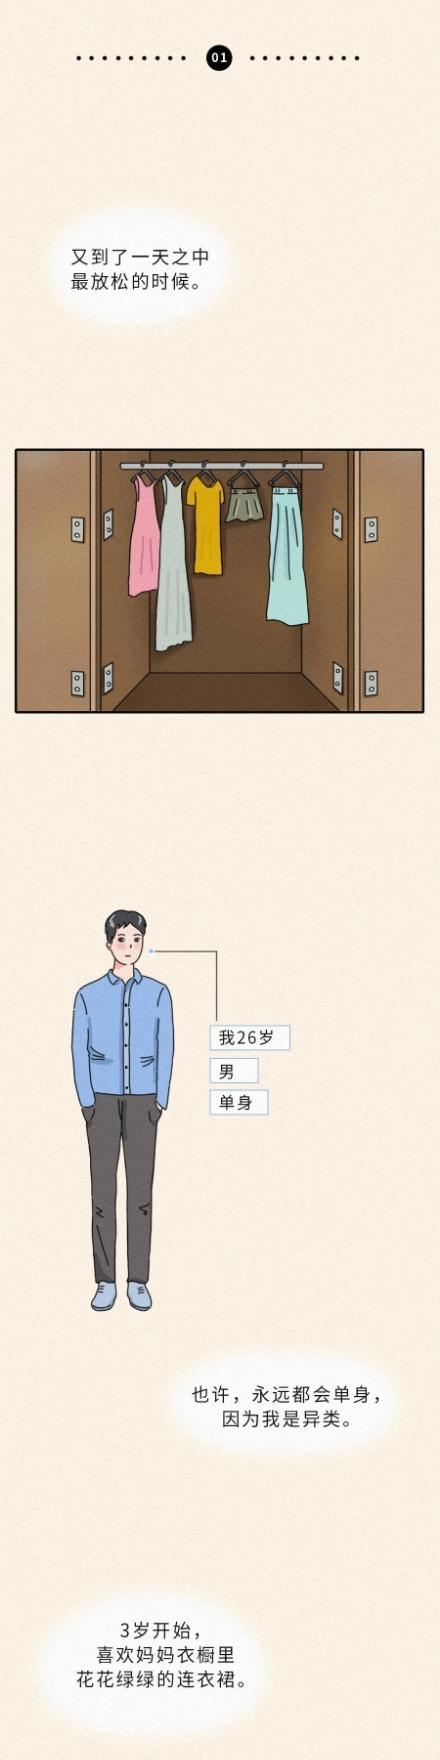 羞羞漫画漫画网页,成年男女的几个羞耻小秘密!(漫画)